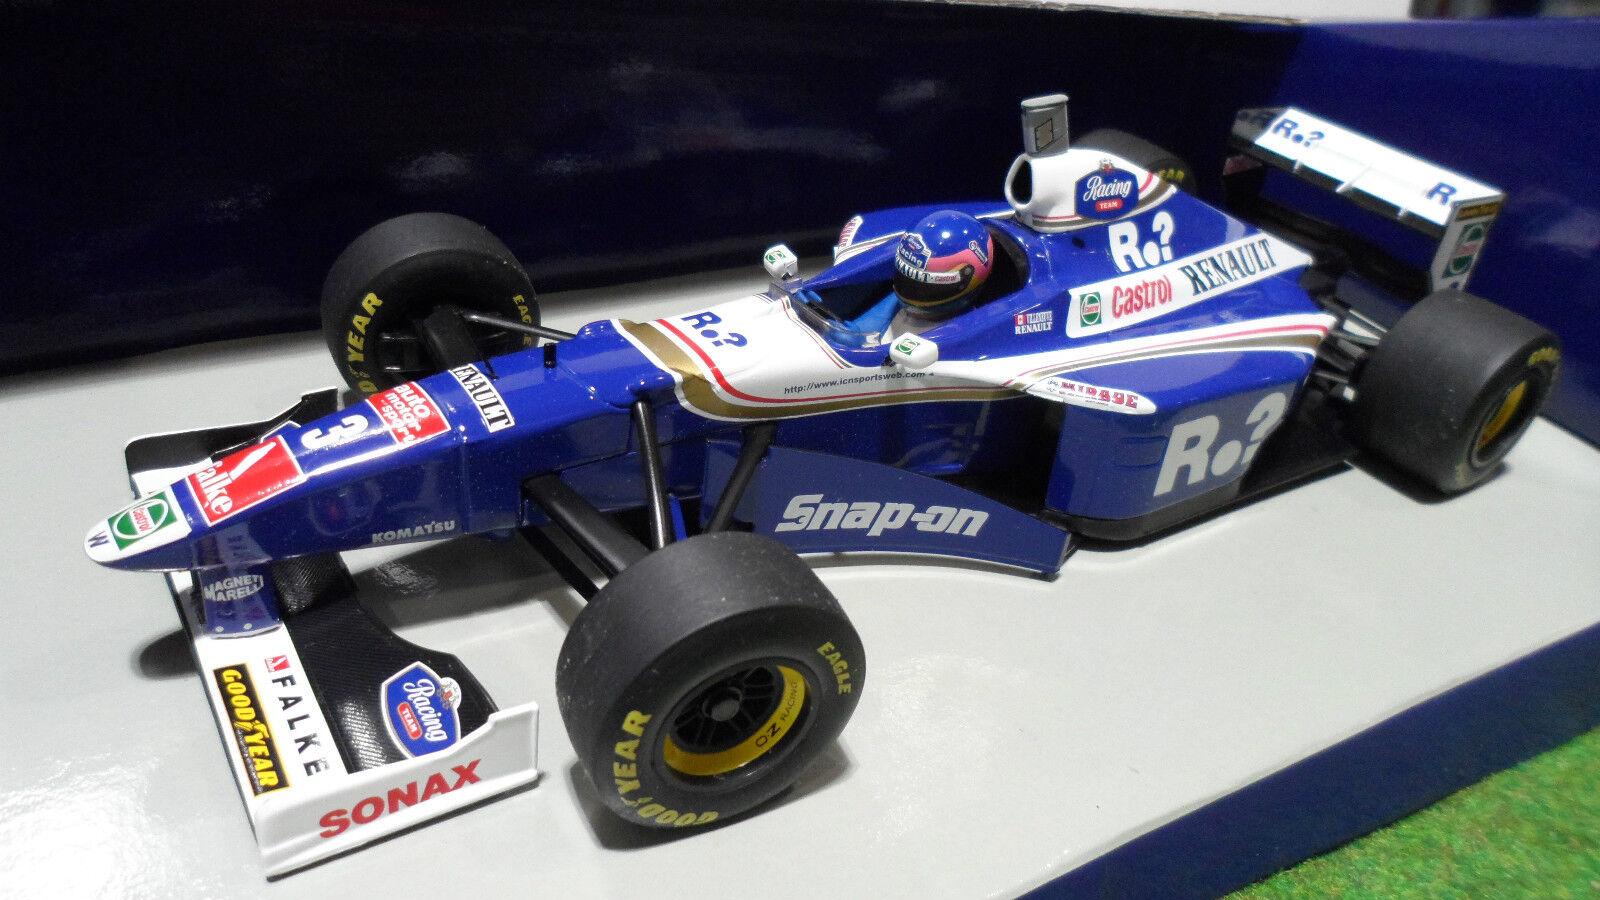 F1 WILLIAMS RENAULT FW19 VILLENEUVE 1 18  MINICHAMPS 180970003 voiture miniature